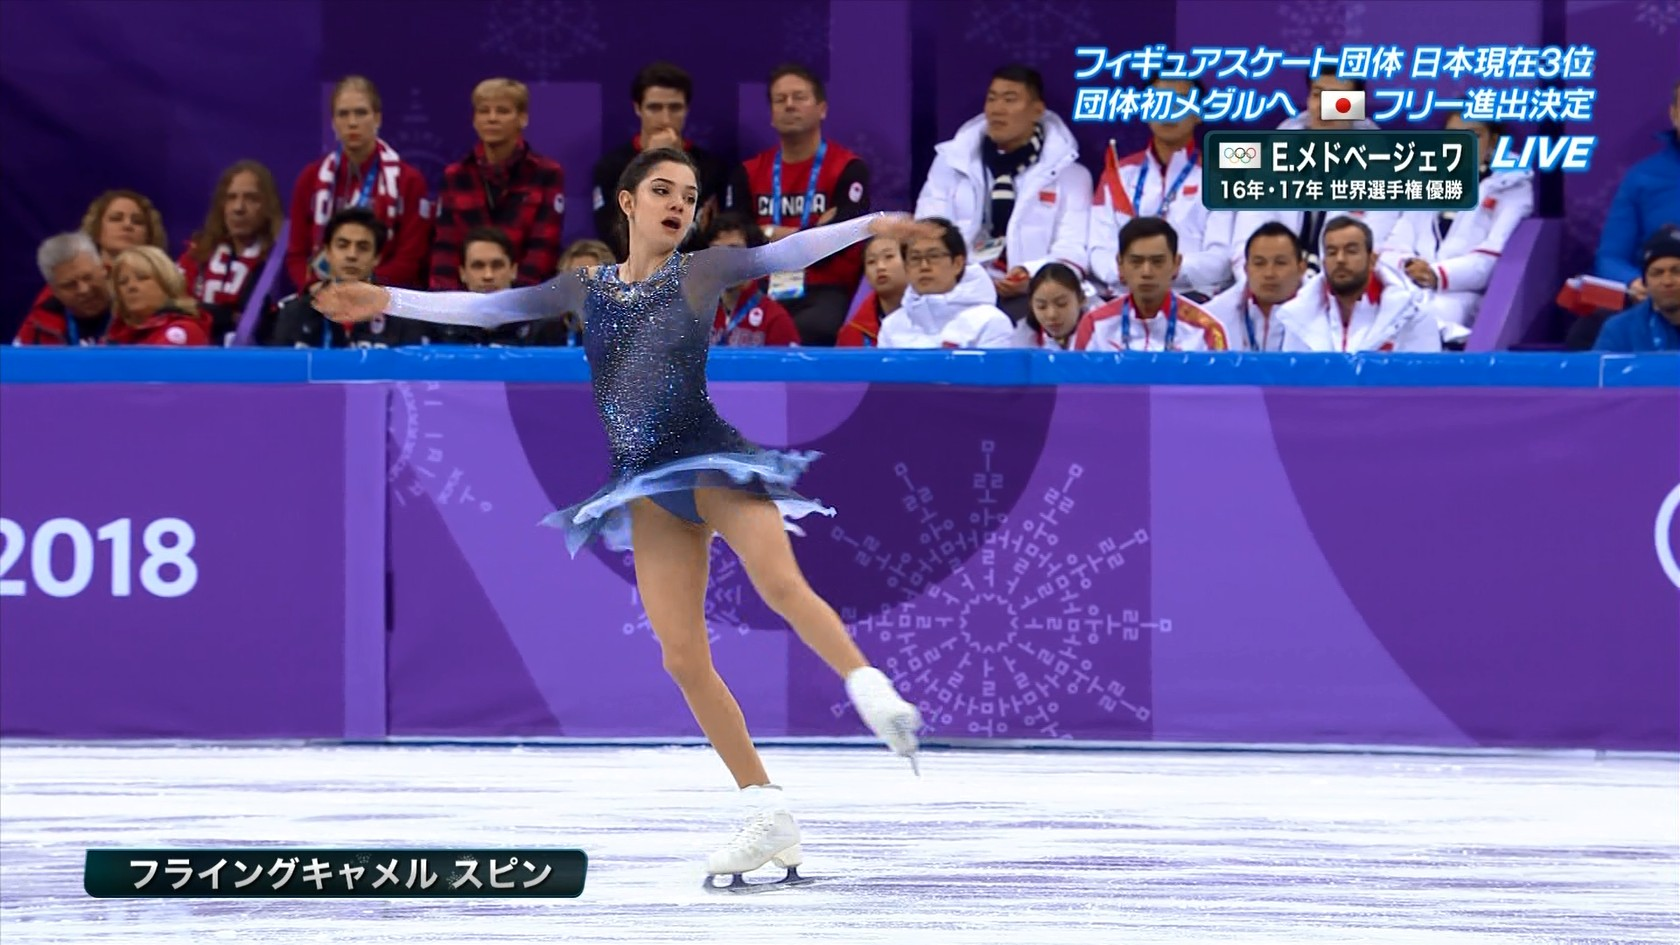 フィギュアスケート平昌オリンピックのお宝エロ画像